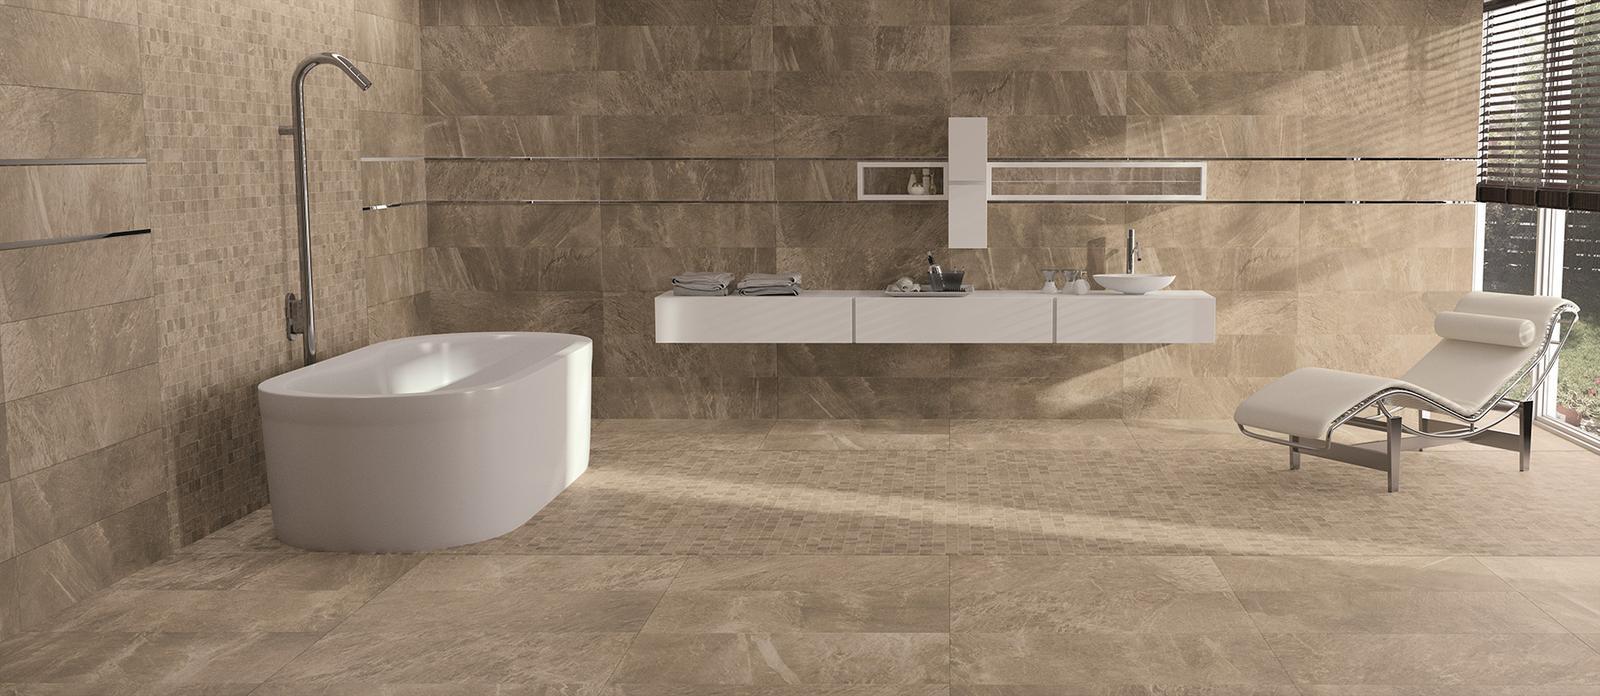 Luxusné kúpelne zo Španielska - moderná kúpeľňa Filita Capuccino 24,5x98,2; 49,1x98,2